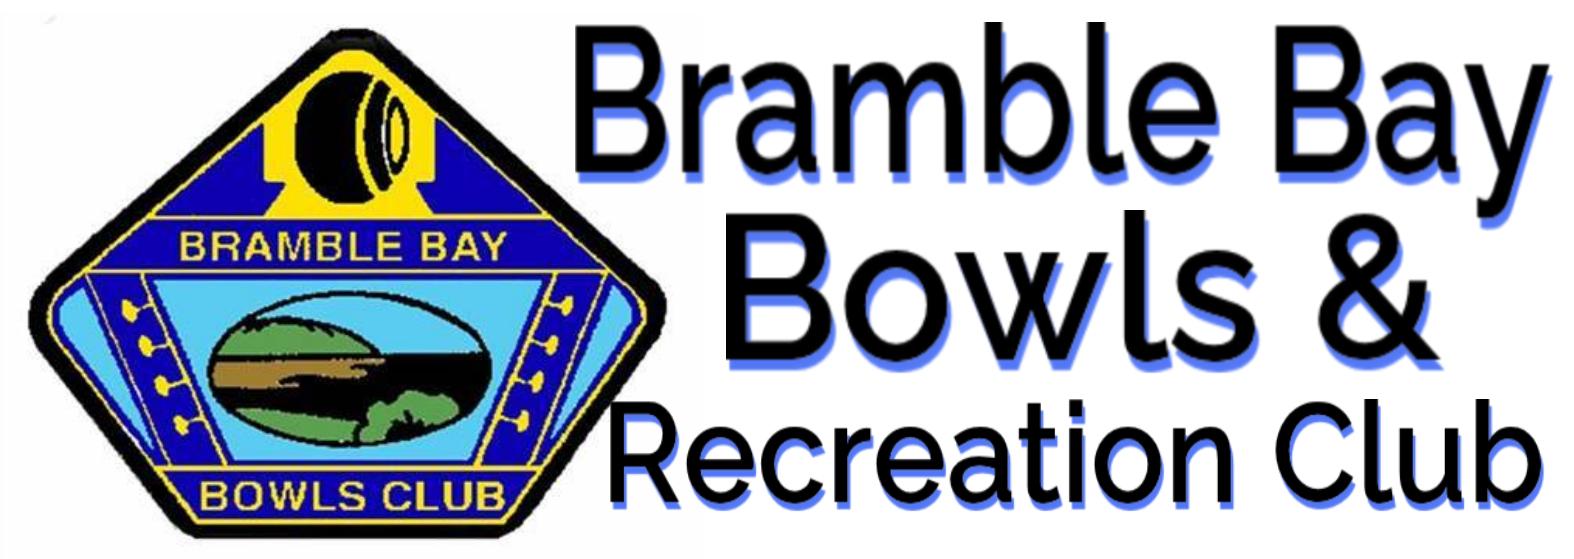 Bramble Bay Bowls Club